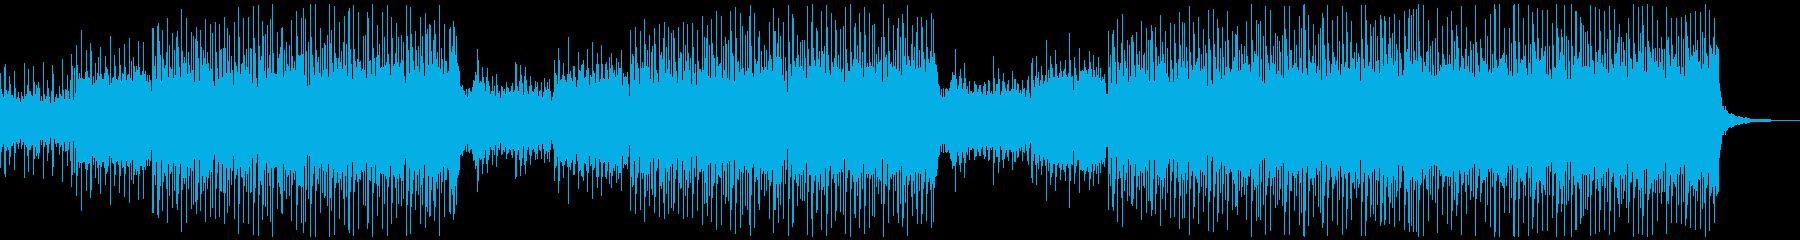 尺八/篠笛/琴などのかっこいい和風EDMの再生済みの波形